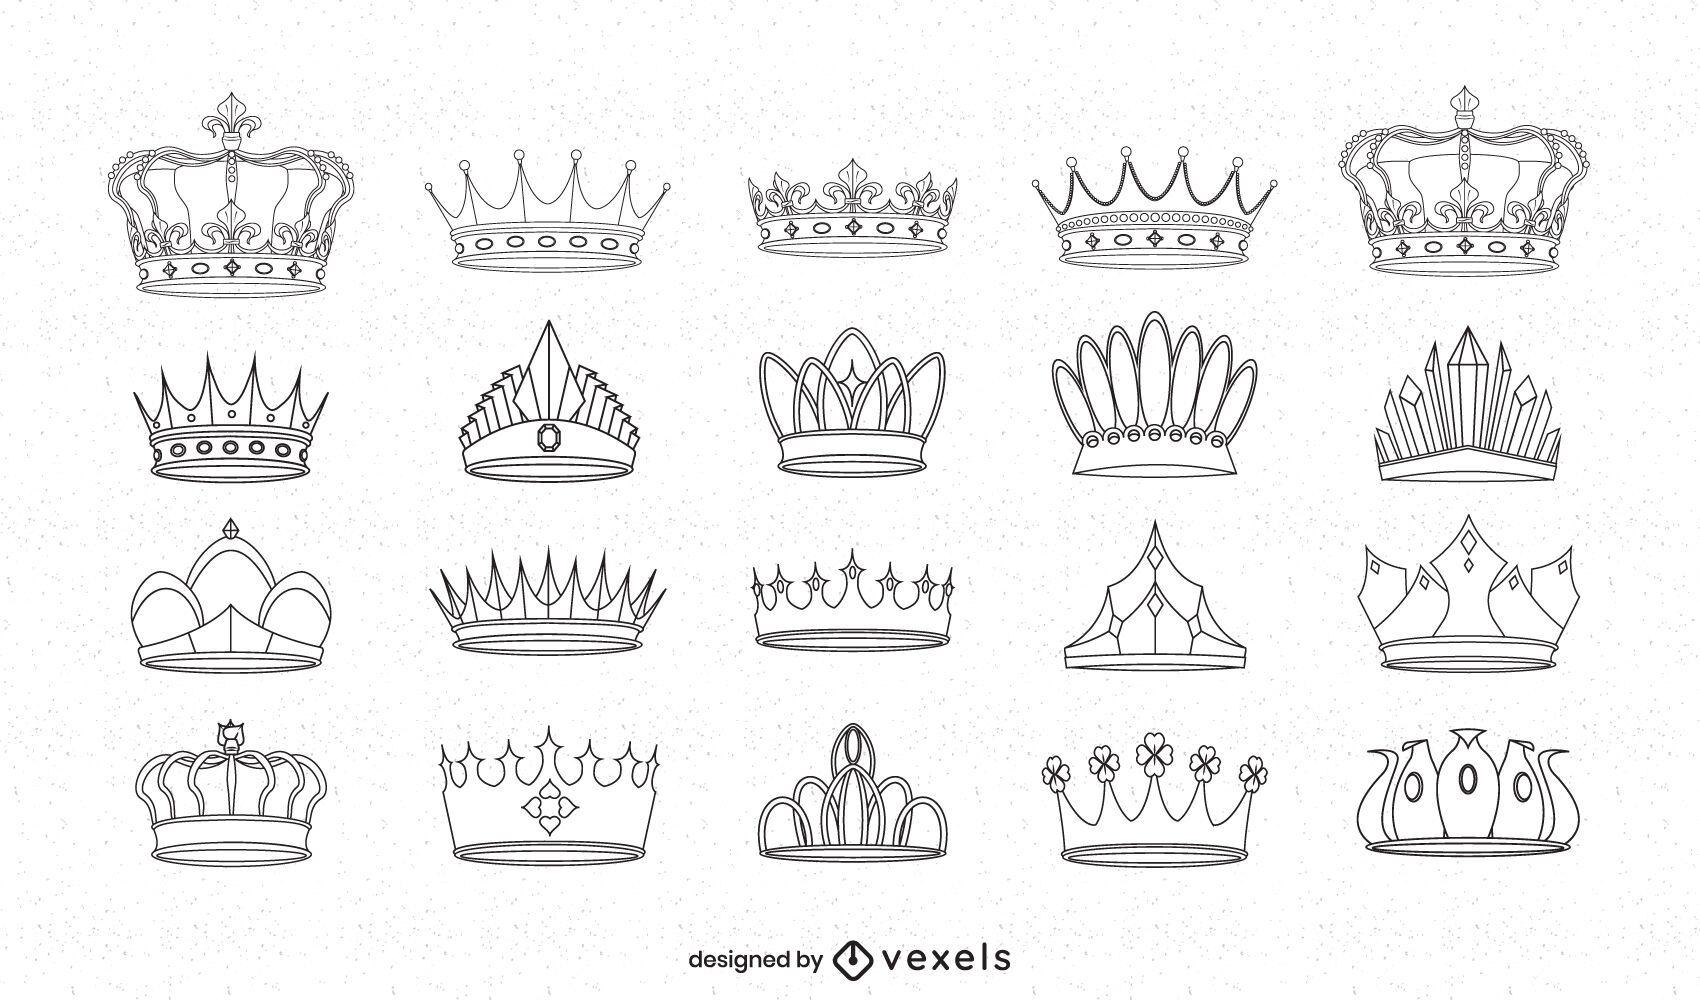 Conjunto de arte em linha do reino das coroas reais